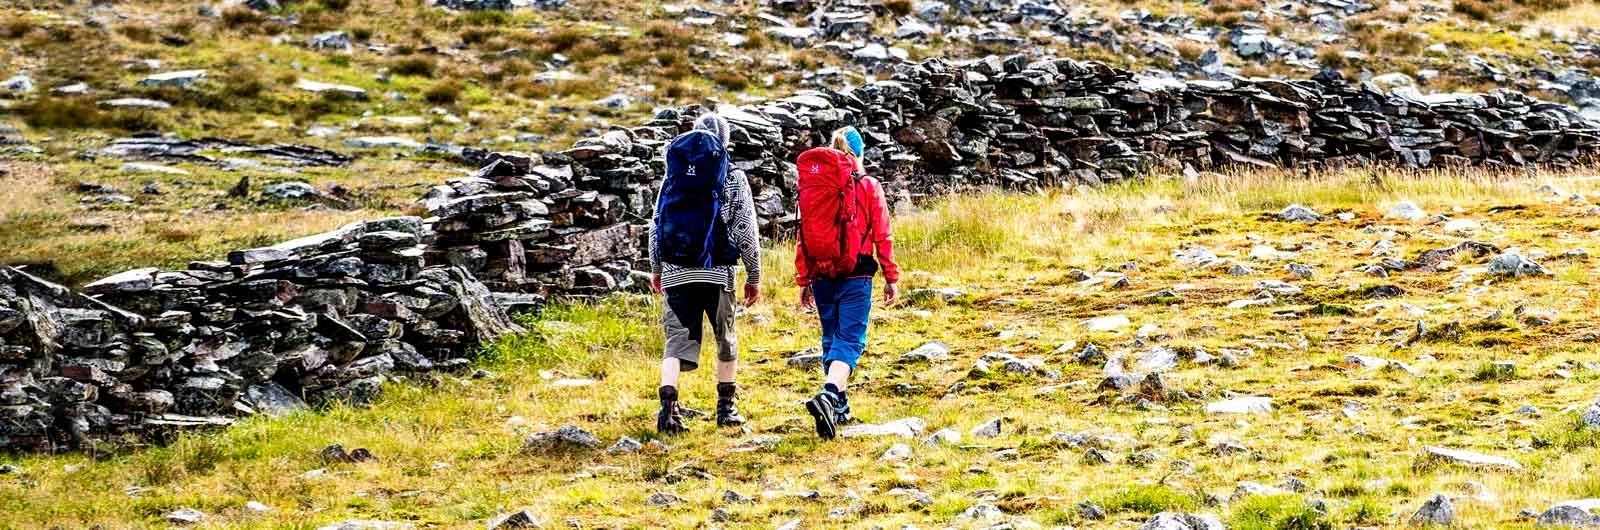 Hikers with backpacks on Höglandsleden Trail